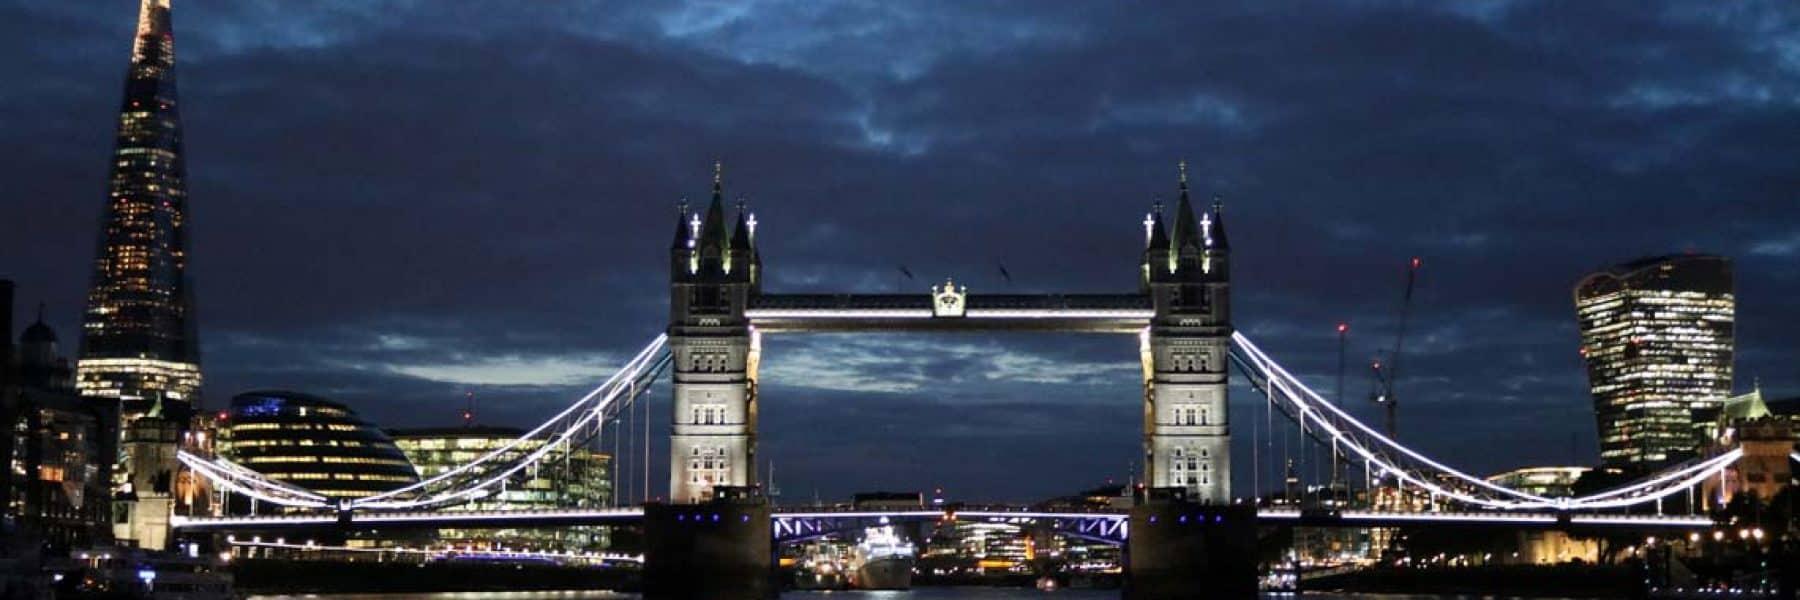 New Year's Eve Cruises, Tower Bridge & The Shard | Viscount Cruises